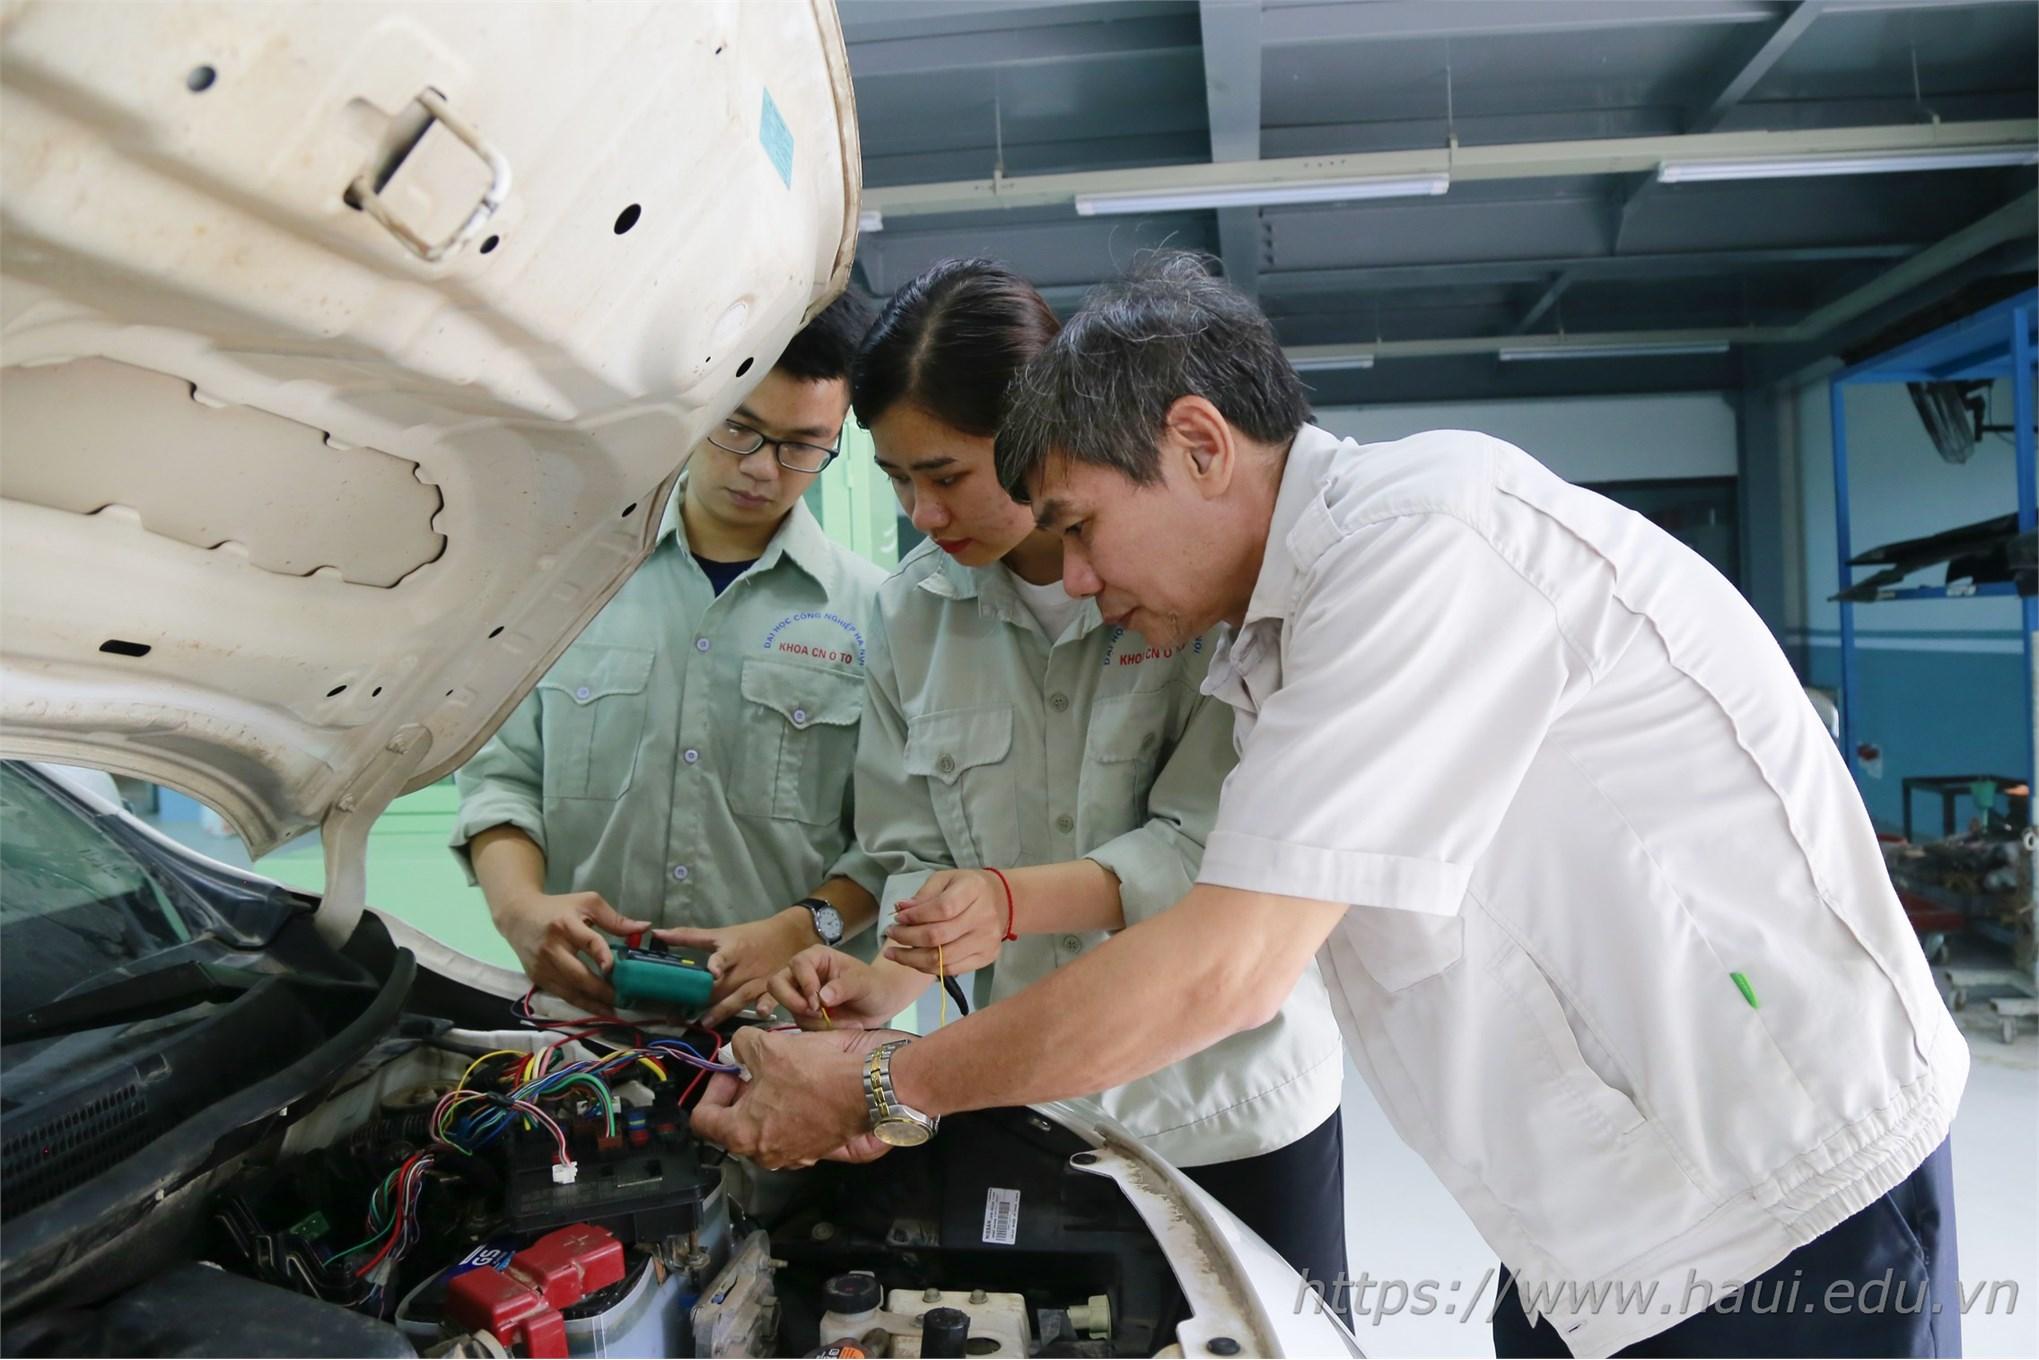 Nữ sinh đam mê ngành Công nghệ kỹ thuật ô tô, thành viên tham dự kỳ thi Kỹ năng nghề quốc gia 2020